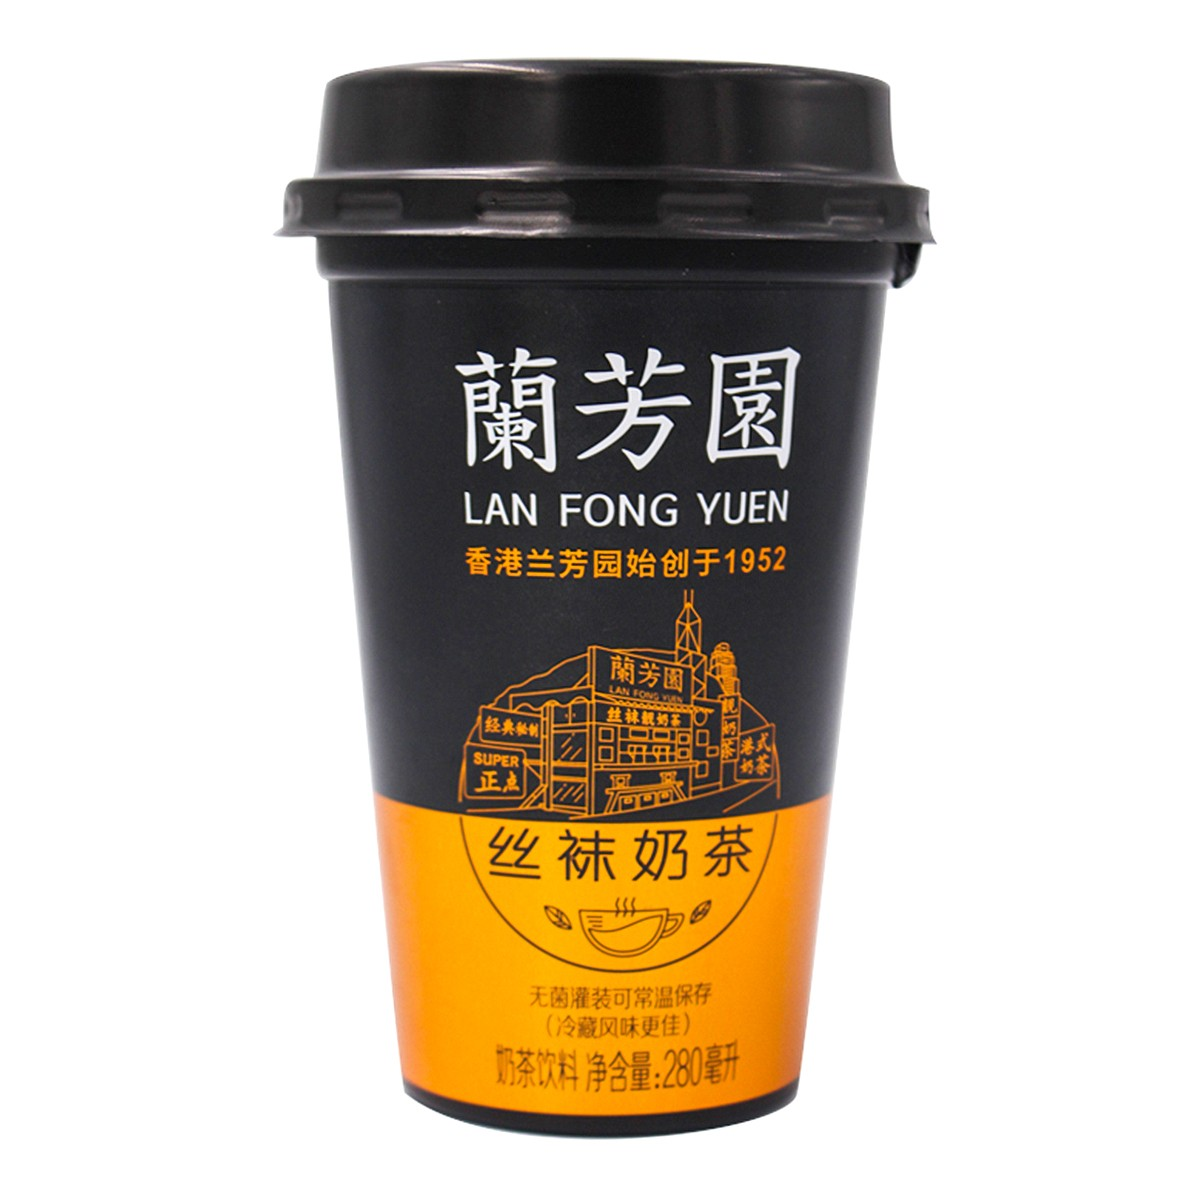 香港兰芳园 正宗港式丝袜奶茶 开盖即饮 280ml